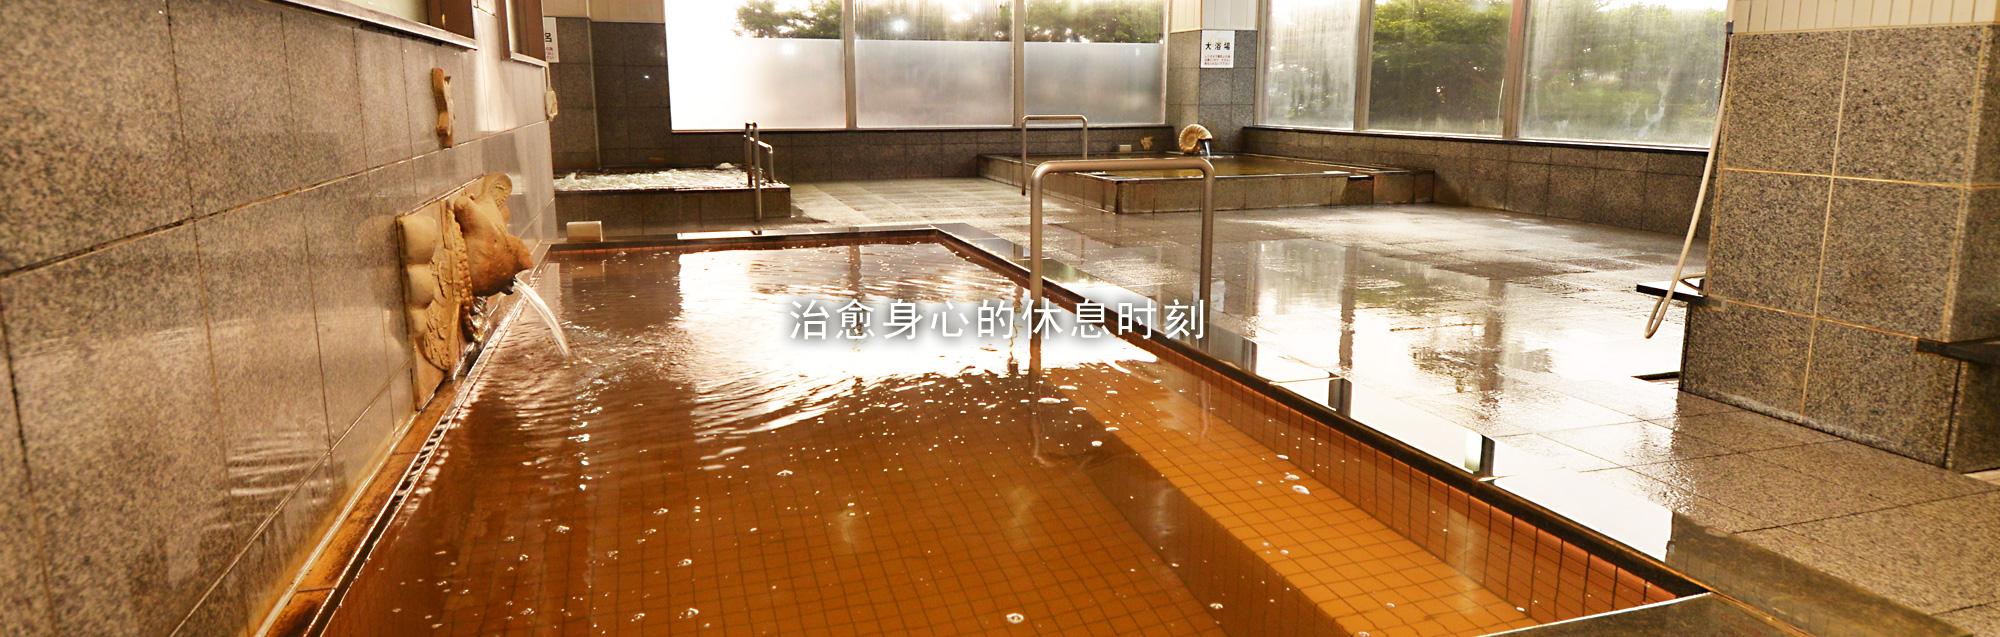 天然温泉酒店 凤乃舞 音更 引以为傲的天然温泉